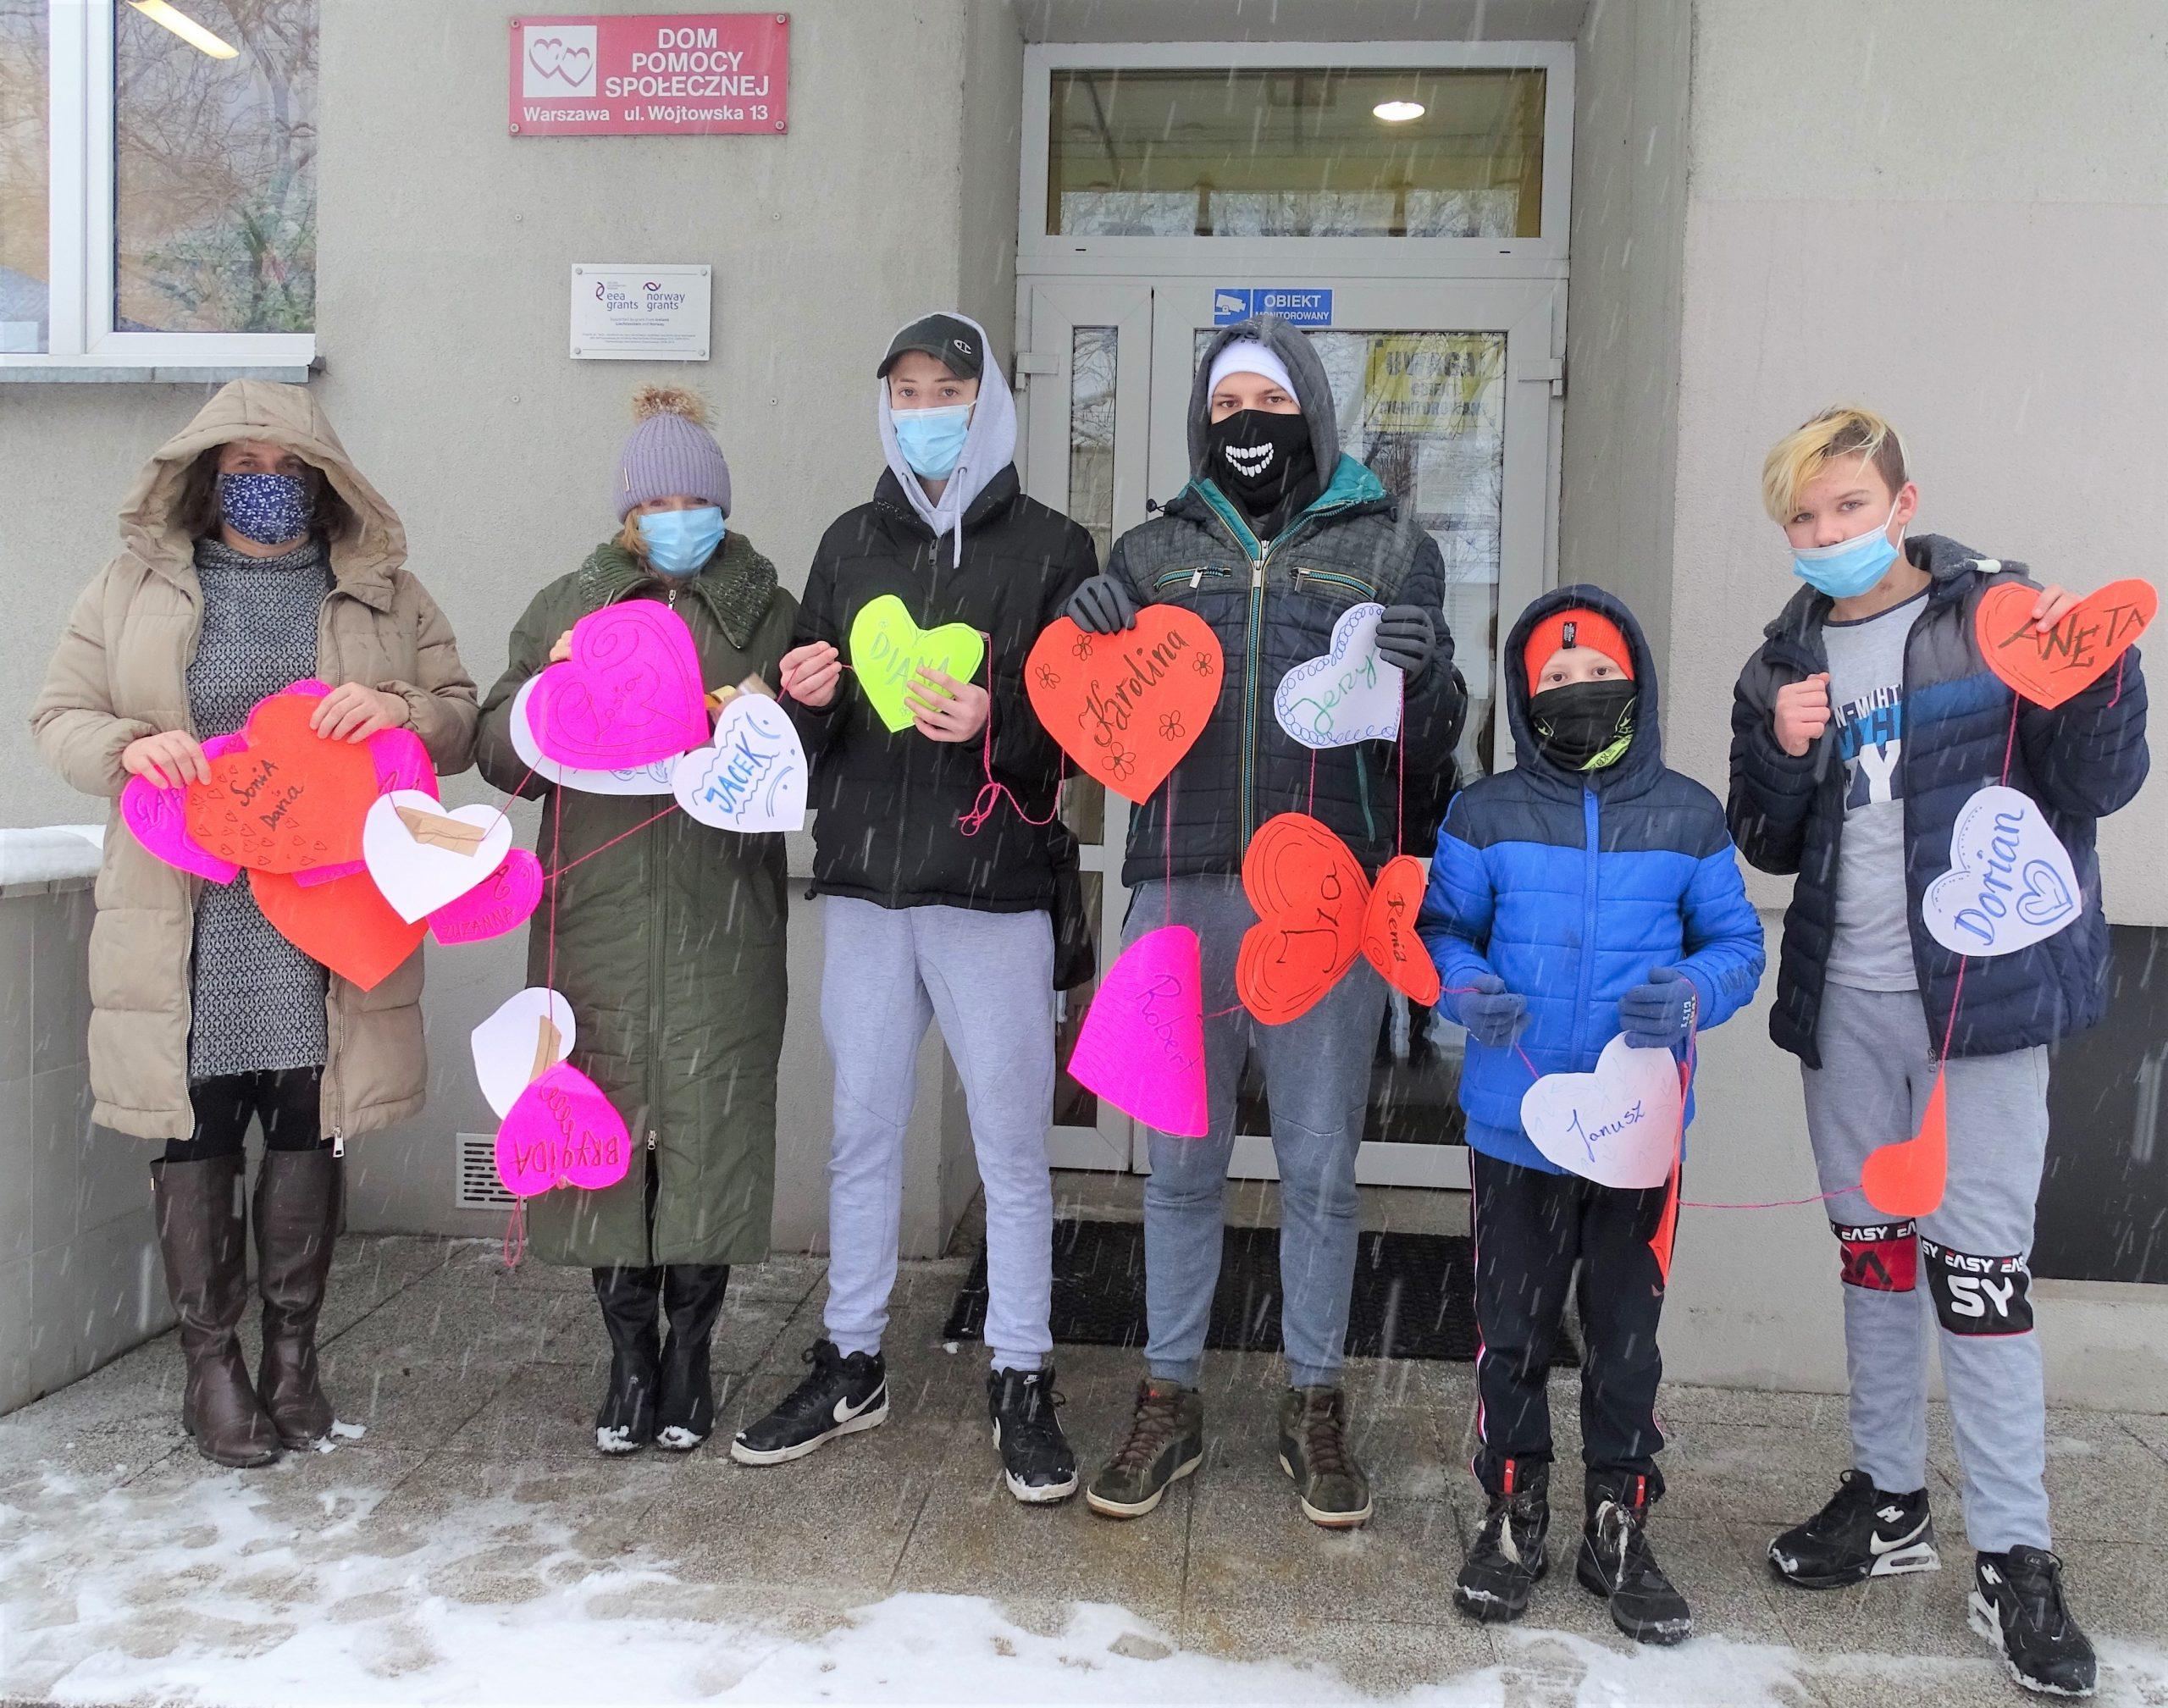 Młodzież stojąca przed wejściem do budynku z kolorowymi sercami